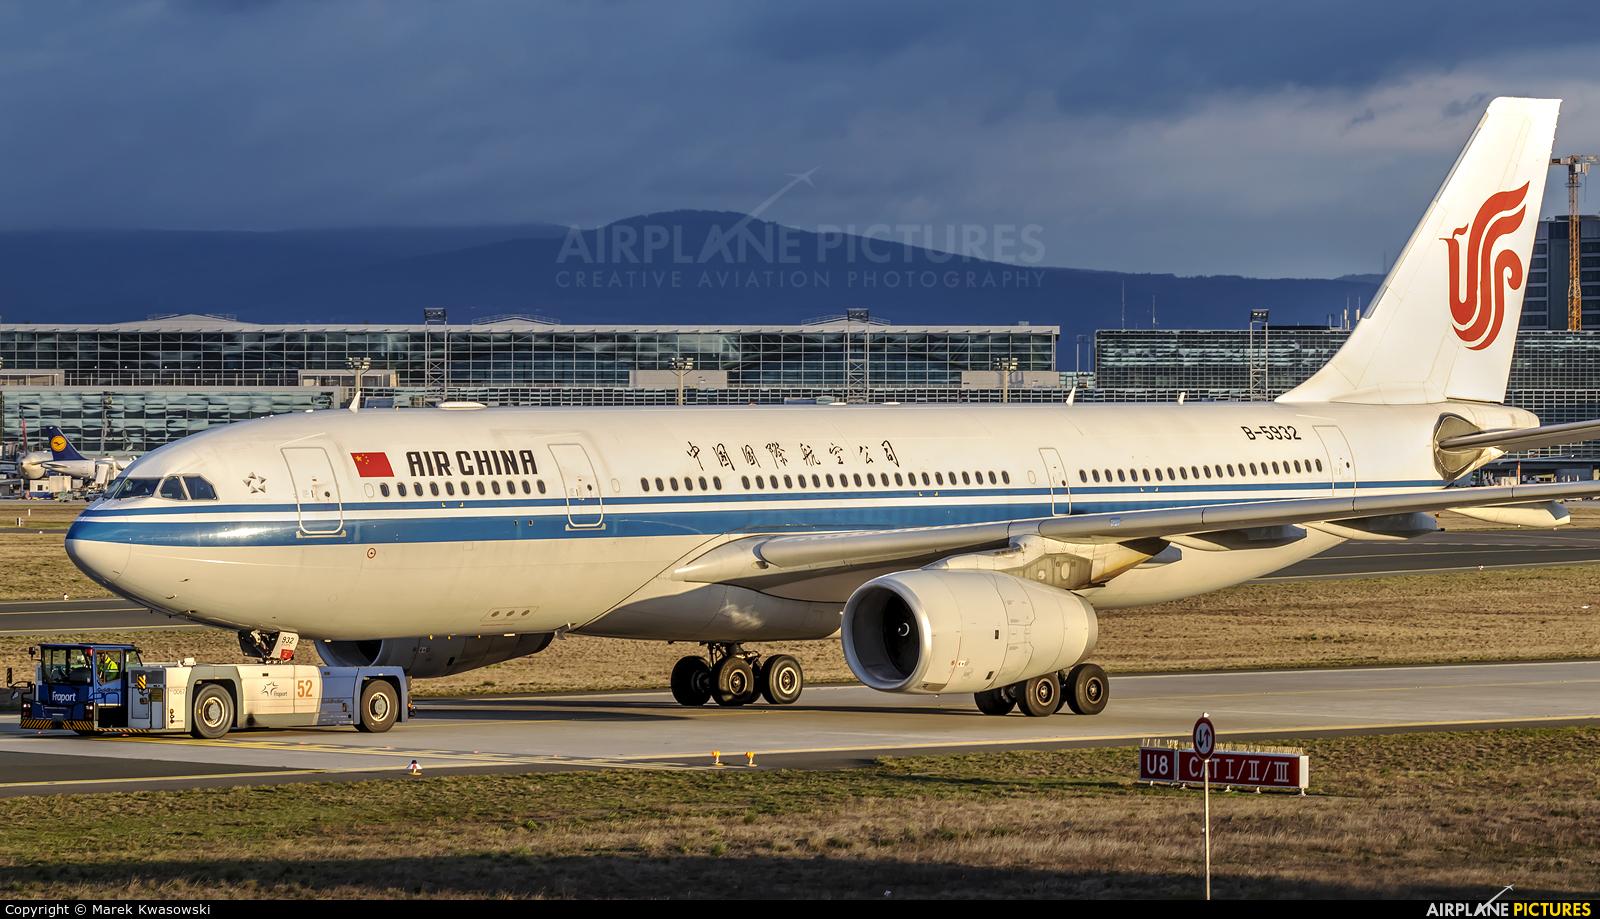 Air China B-5932 aircraft at Frankfurt